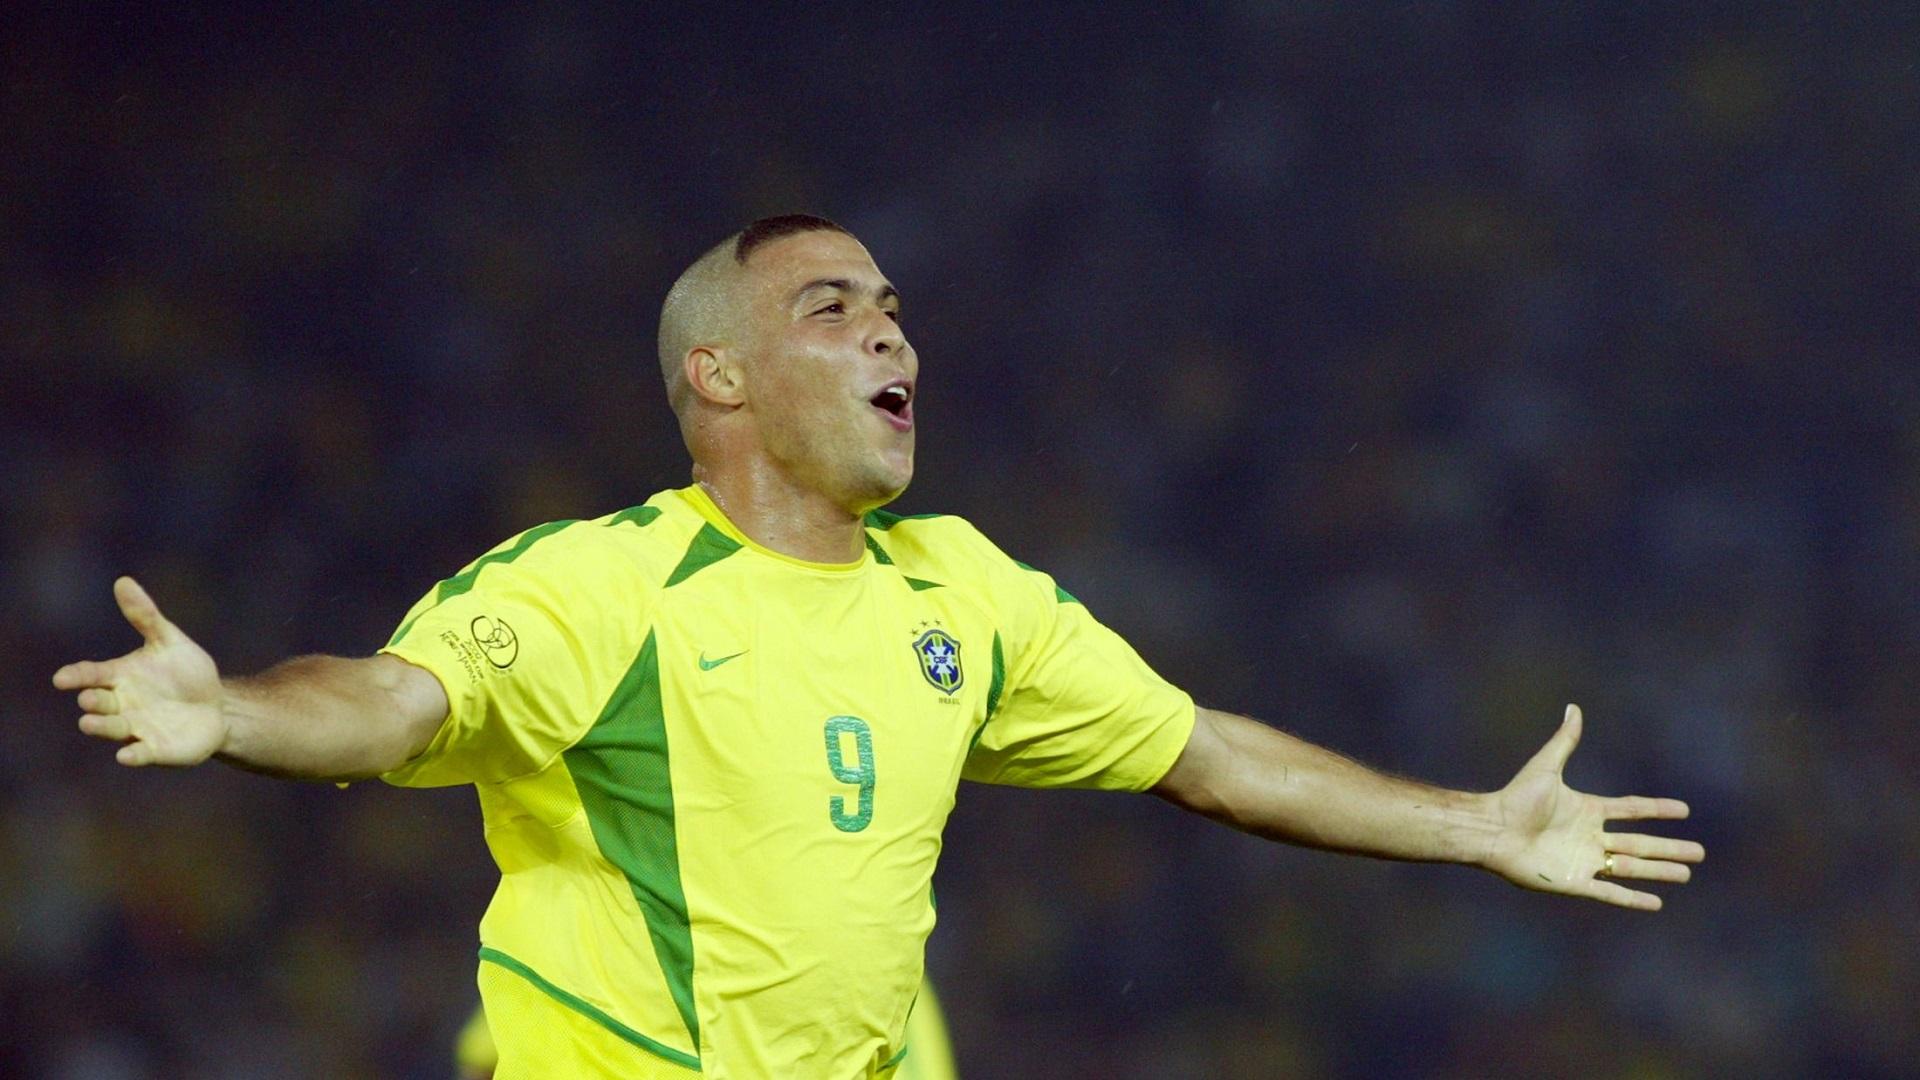 Ronaldo Brazil 2002 World Cup Final 30062001